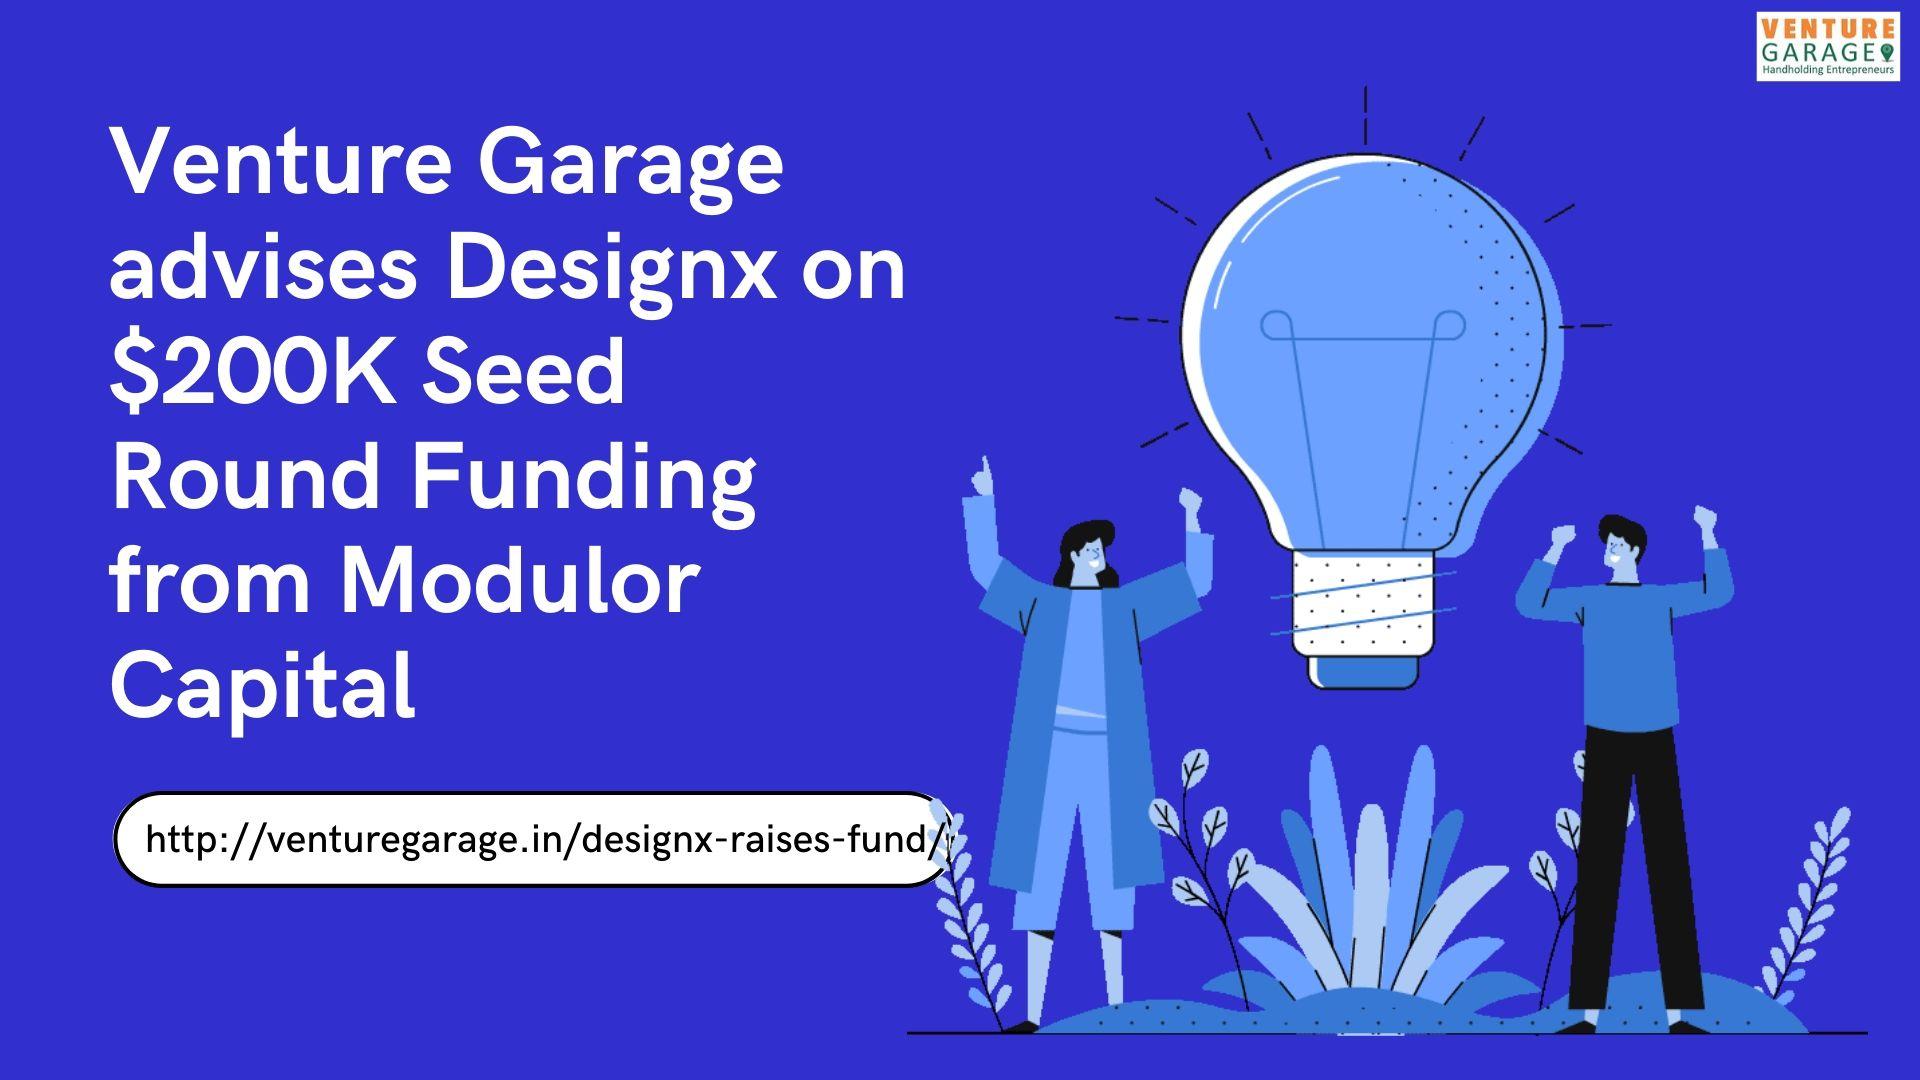 DesignX raises fund